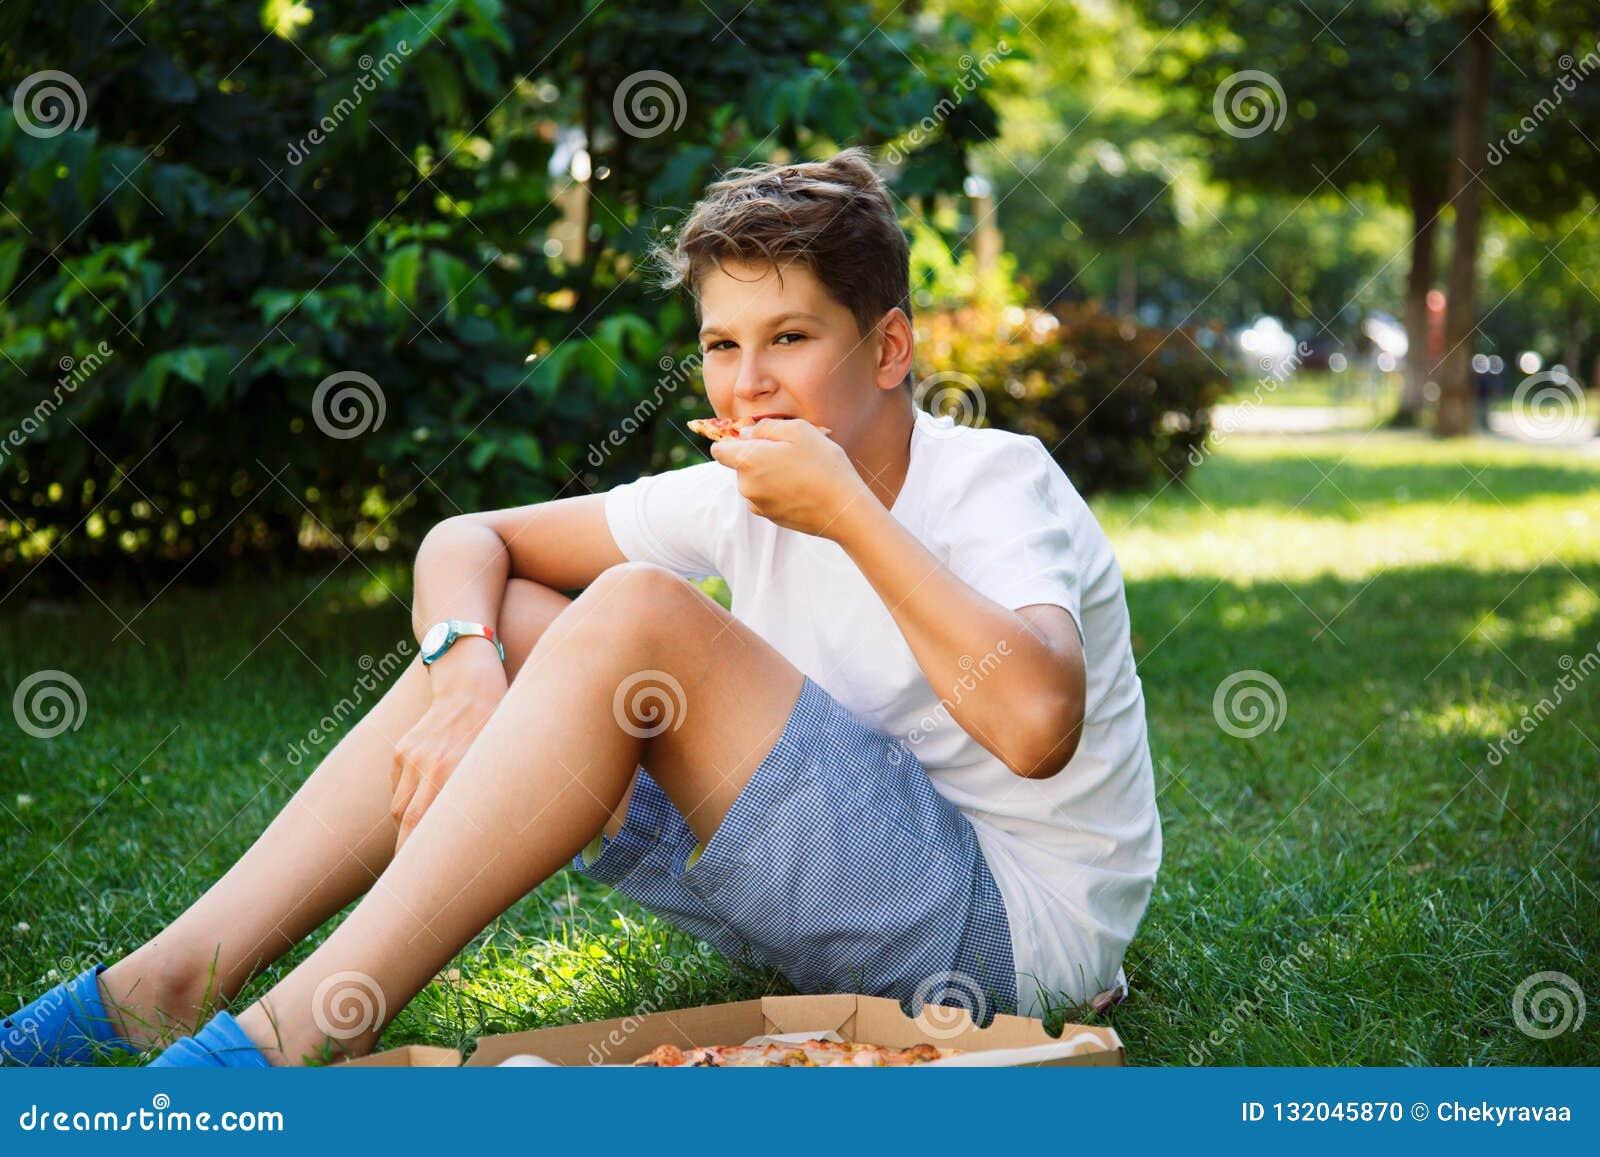 Милый, молодой мальчик в белой футболке сидит на траве и принимает кусок пиццы в парке